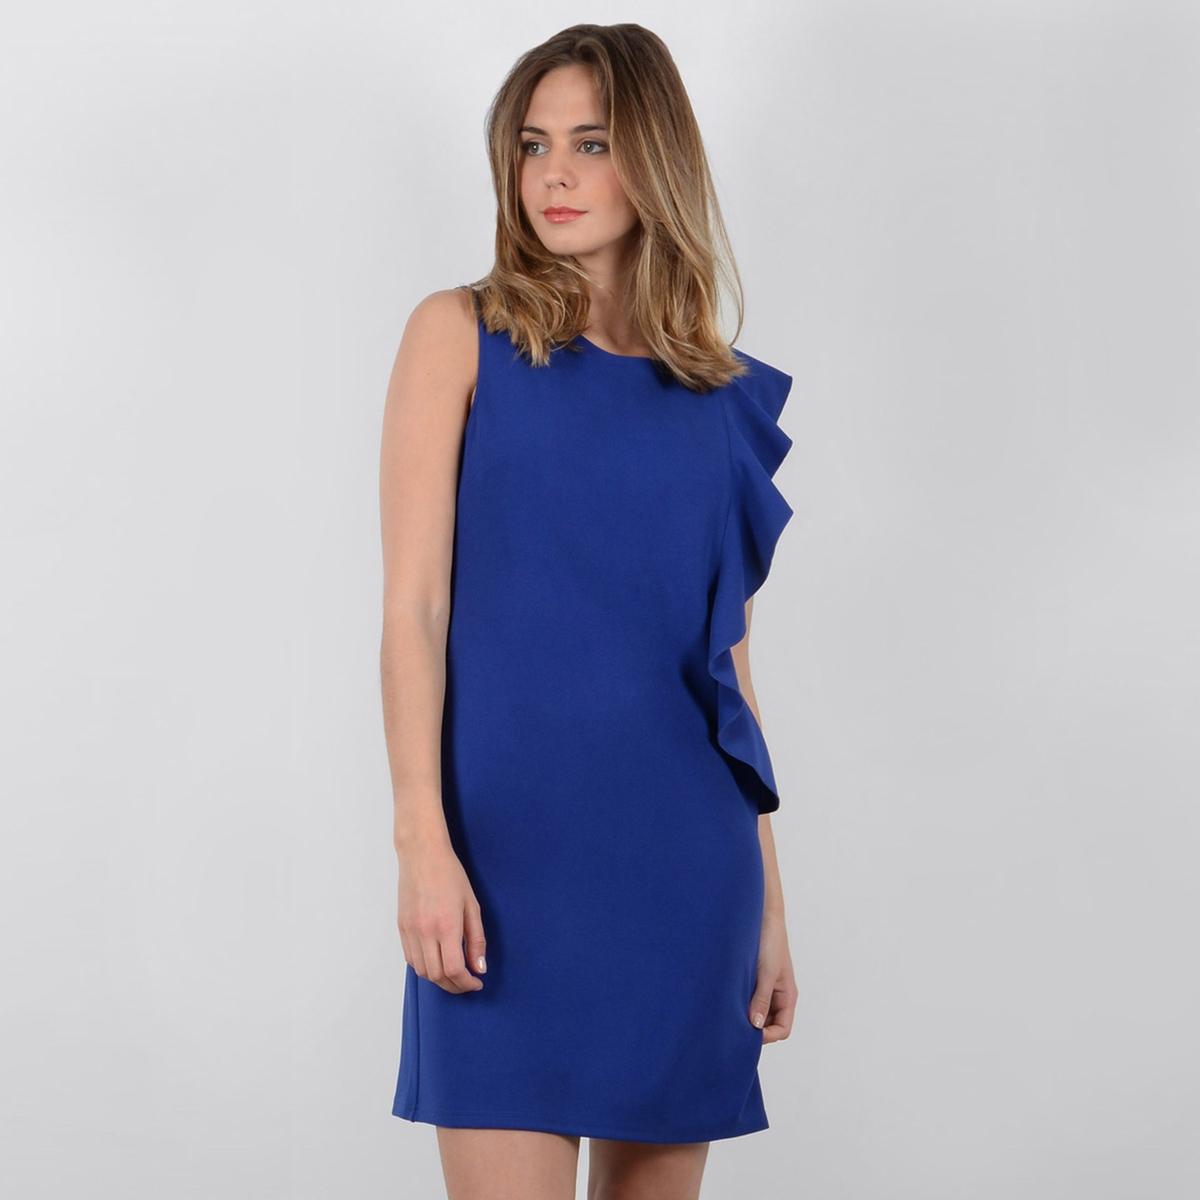 Платье короткое прямое однотонное, без рукавов